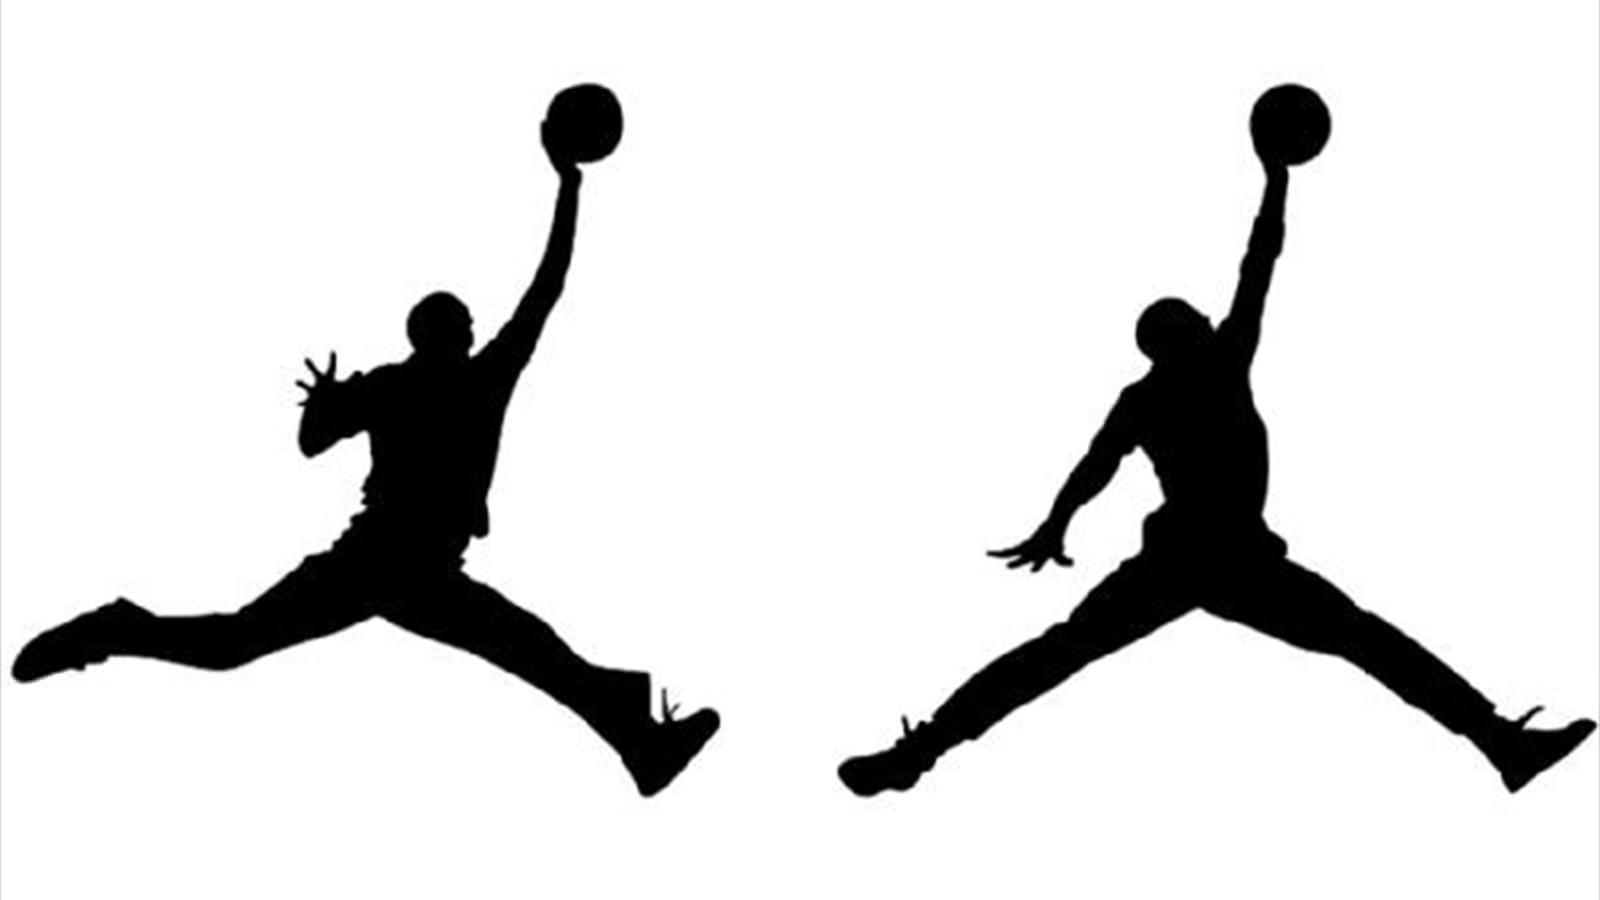 Michael Jordan silhouette image